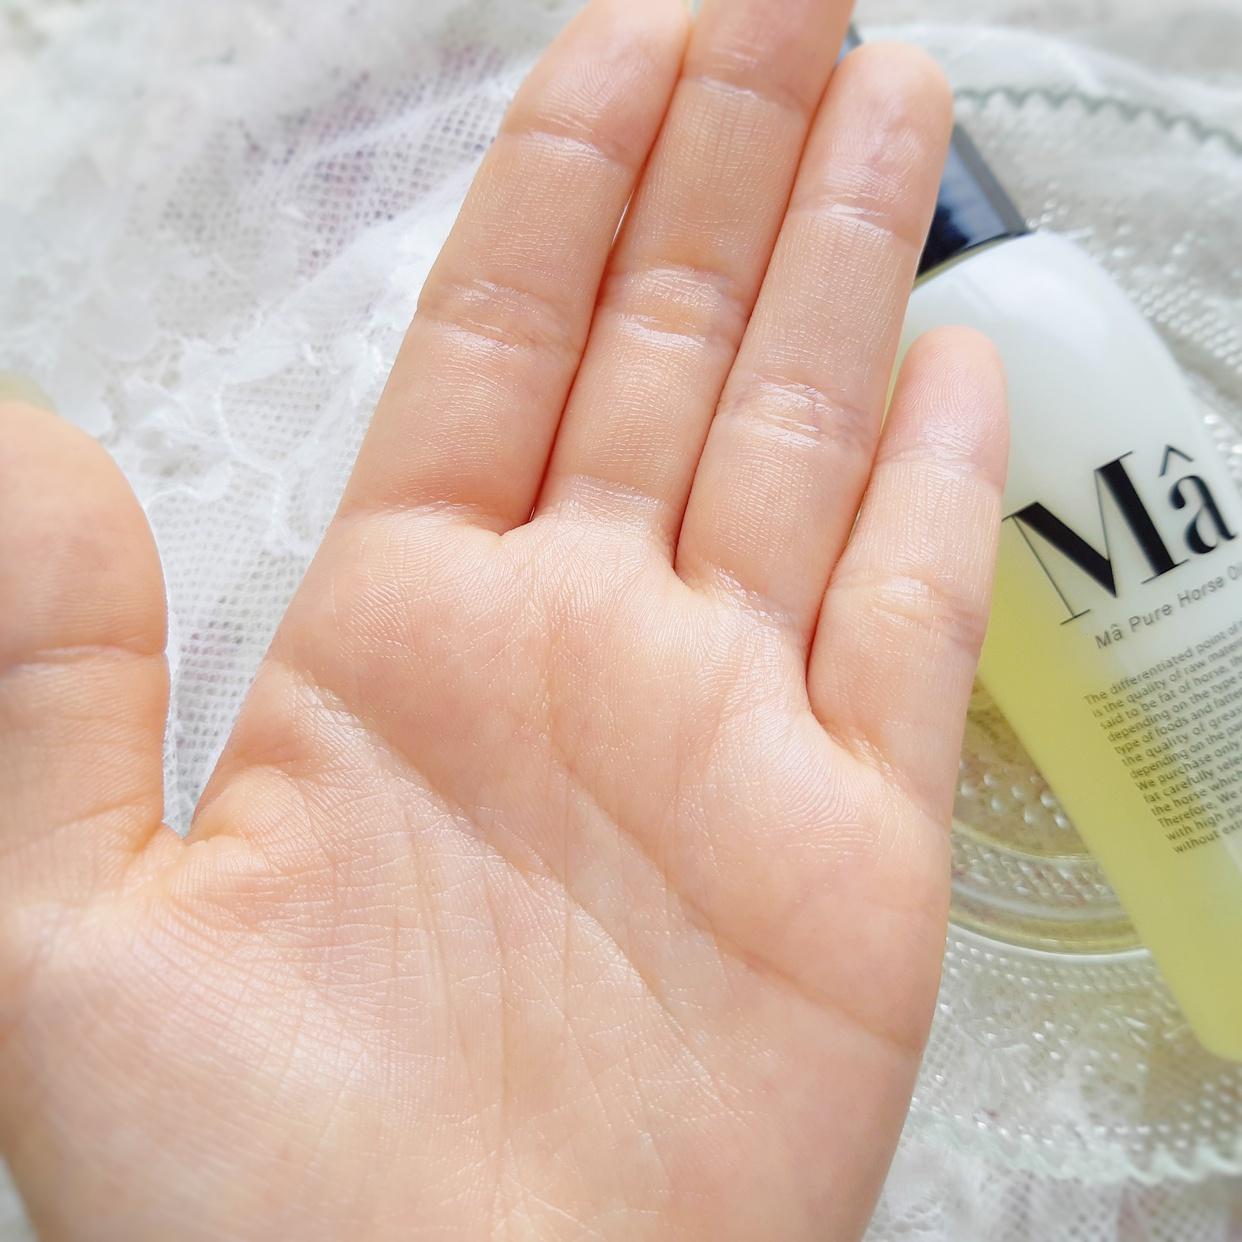 MA(エムエー)ヘアオイルを使った銀麦さんのクチコミ画像4